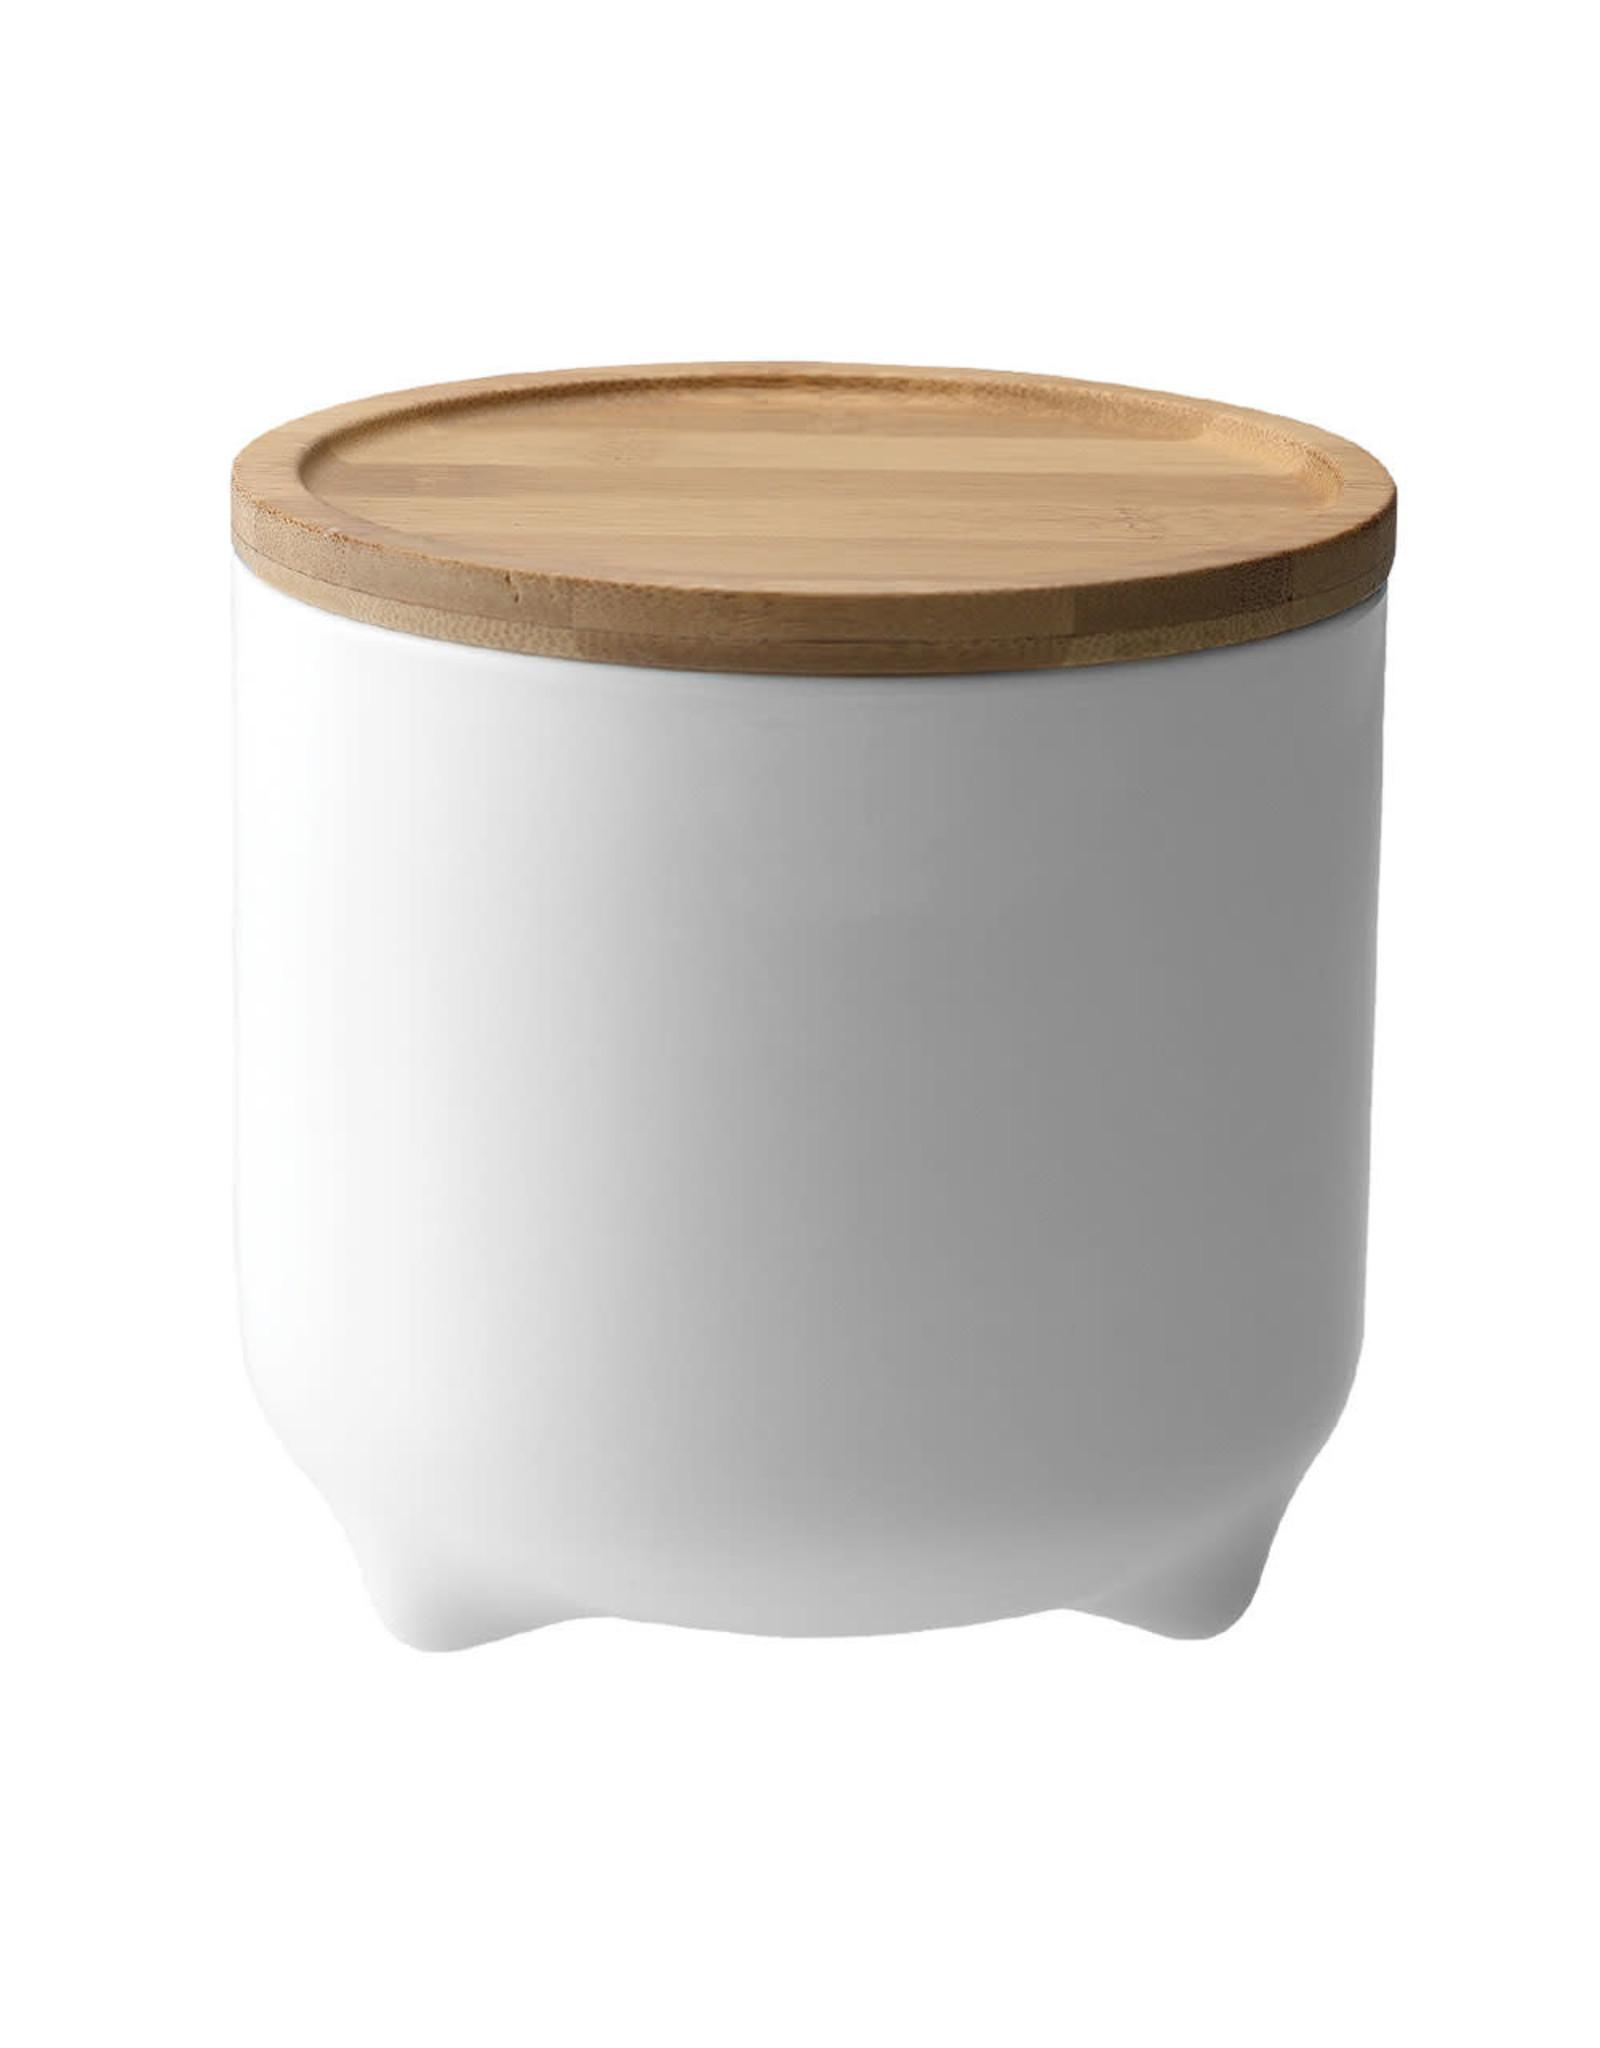 Loveramics Voorraadpot porselein en bamboe met siliconen afsluitring 1,5L